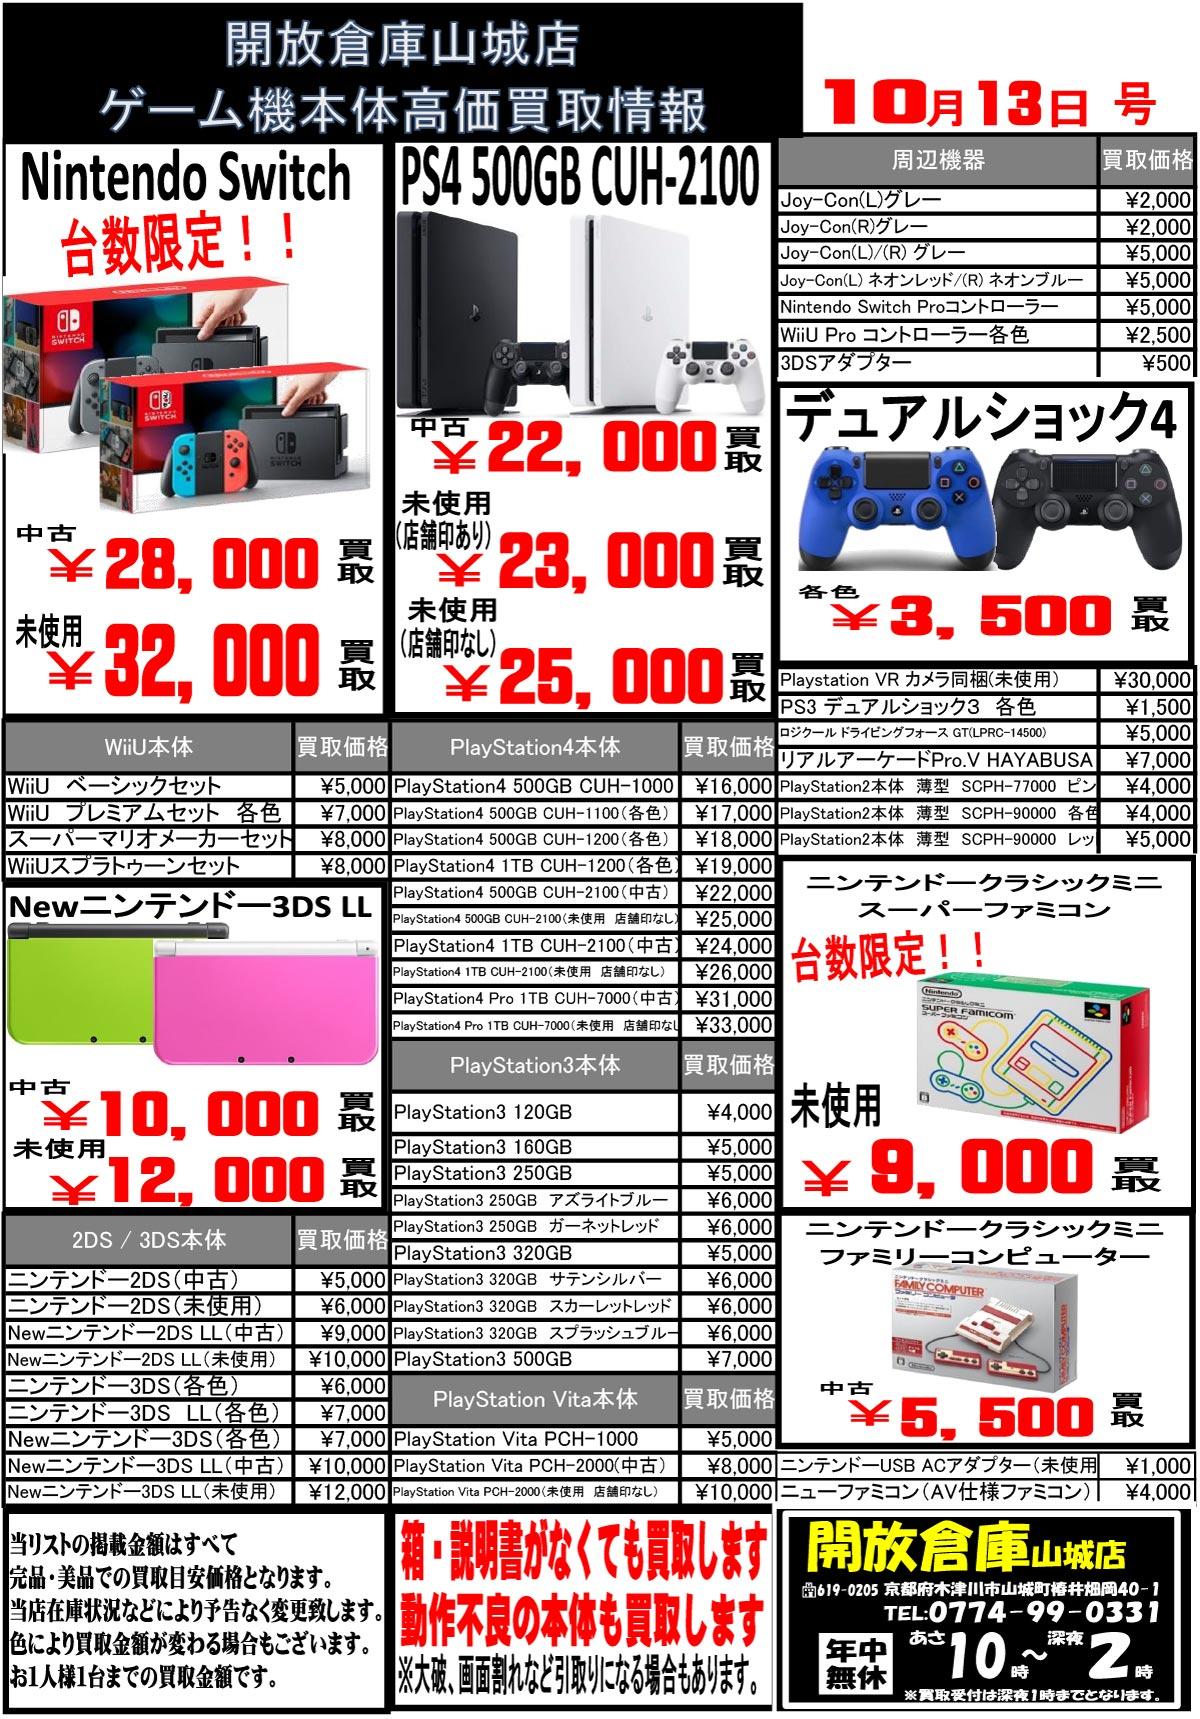 「開放倉庫山城店」10月13日号<ゲーム機本体高価買取情報>を更新!Nintendo Switch<未使用品32,000円買取、台数限定>、PS4 500GB CUH-2100<未使用品・店印なし25、000円買取>、ニンテンドークラシックミニスーパーファミコン<未使用品9,000円買取>、ニンテンドークラシックミニファミリーコンピューター<中古5,500円買取>強化買取中!!